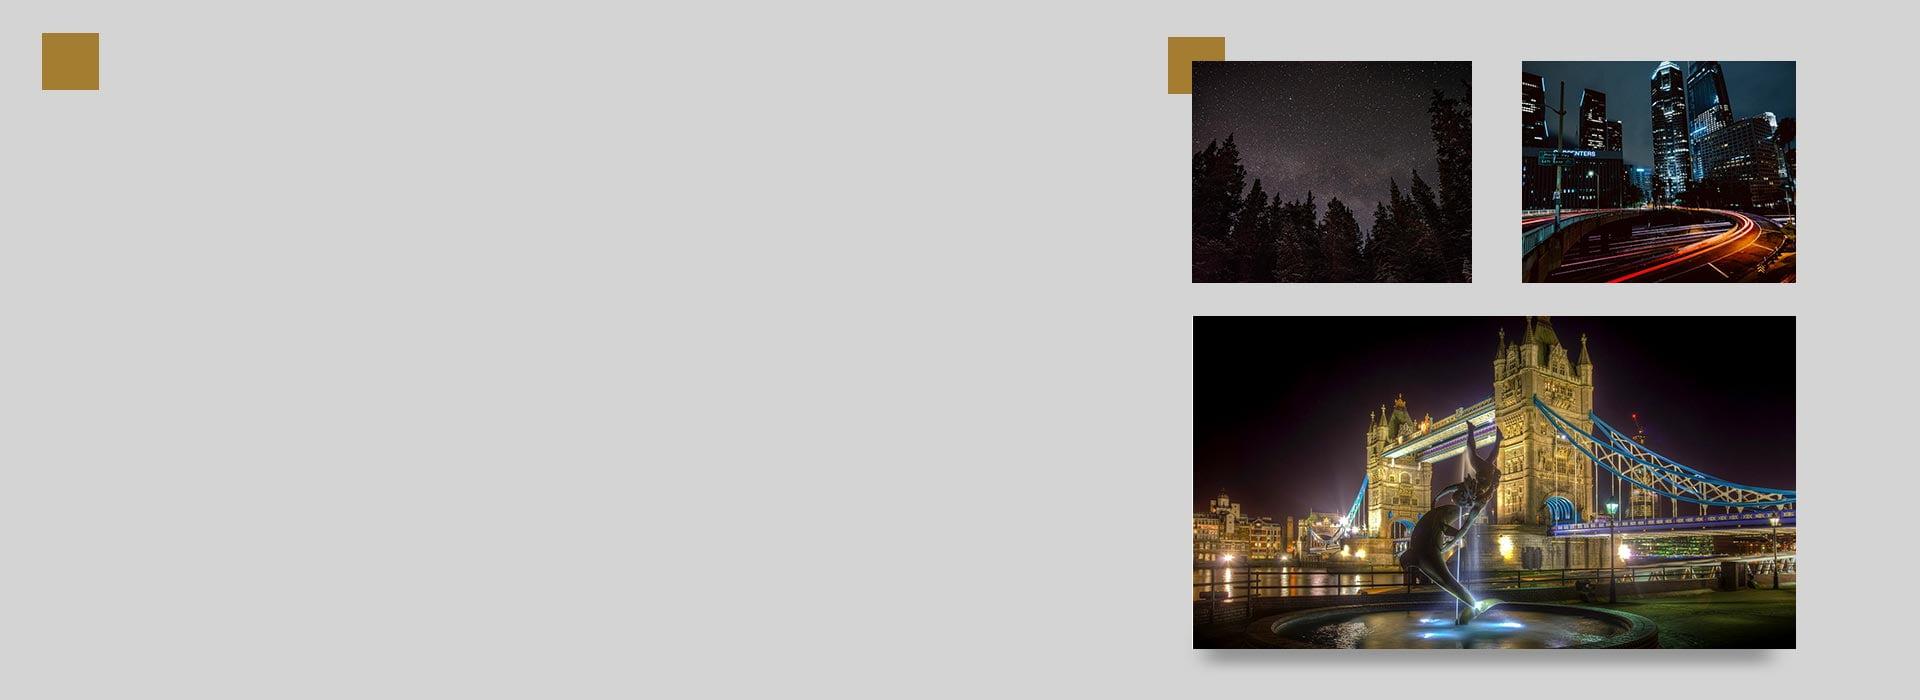 Shutter Speed - عکاسی در شب